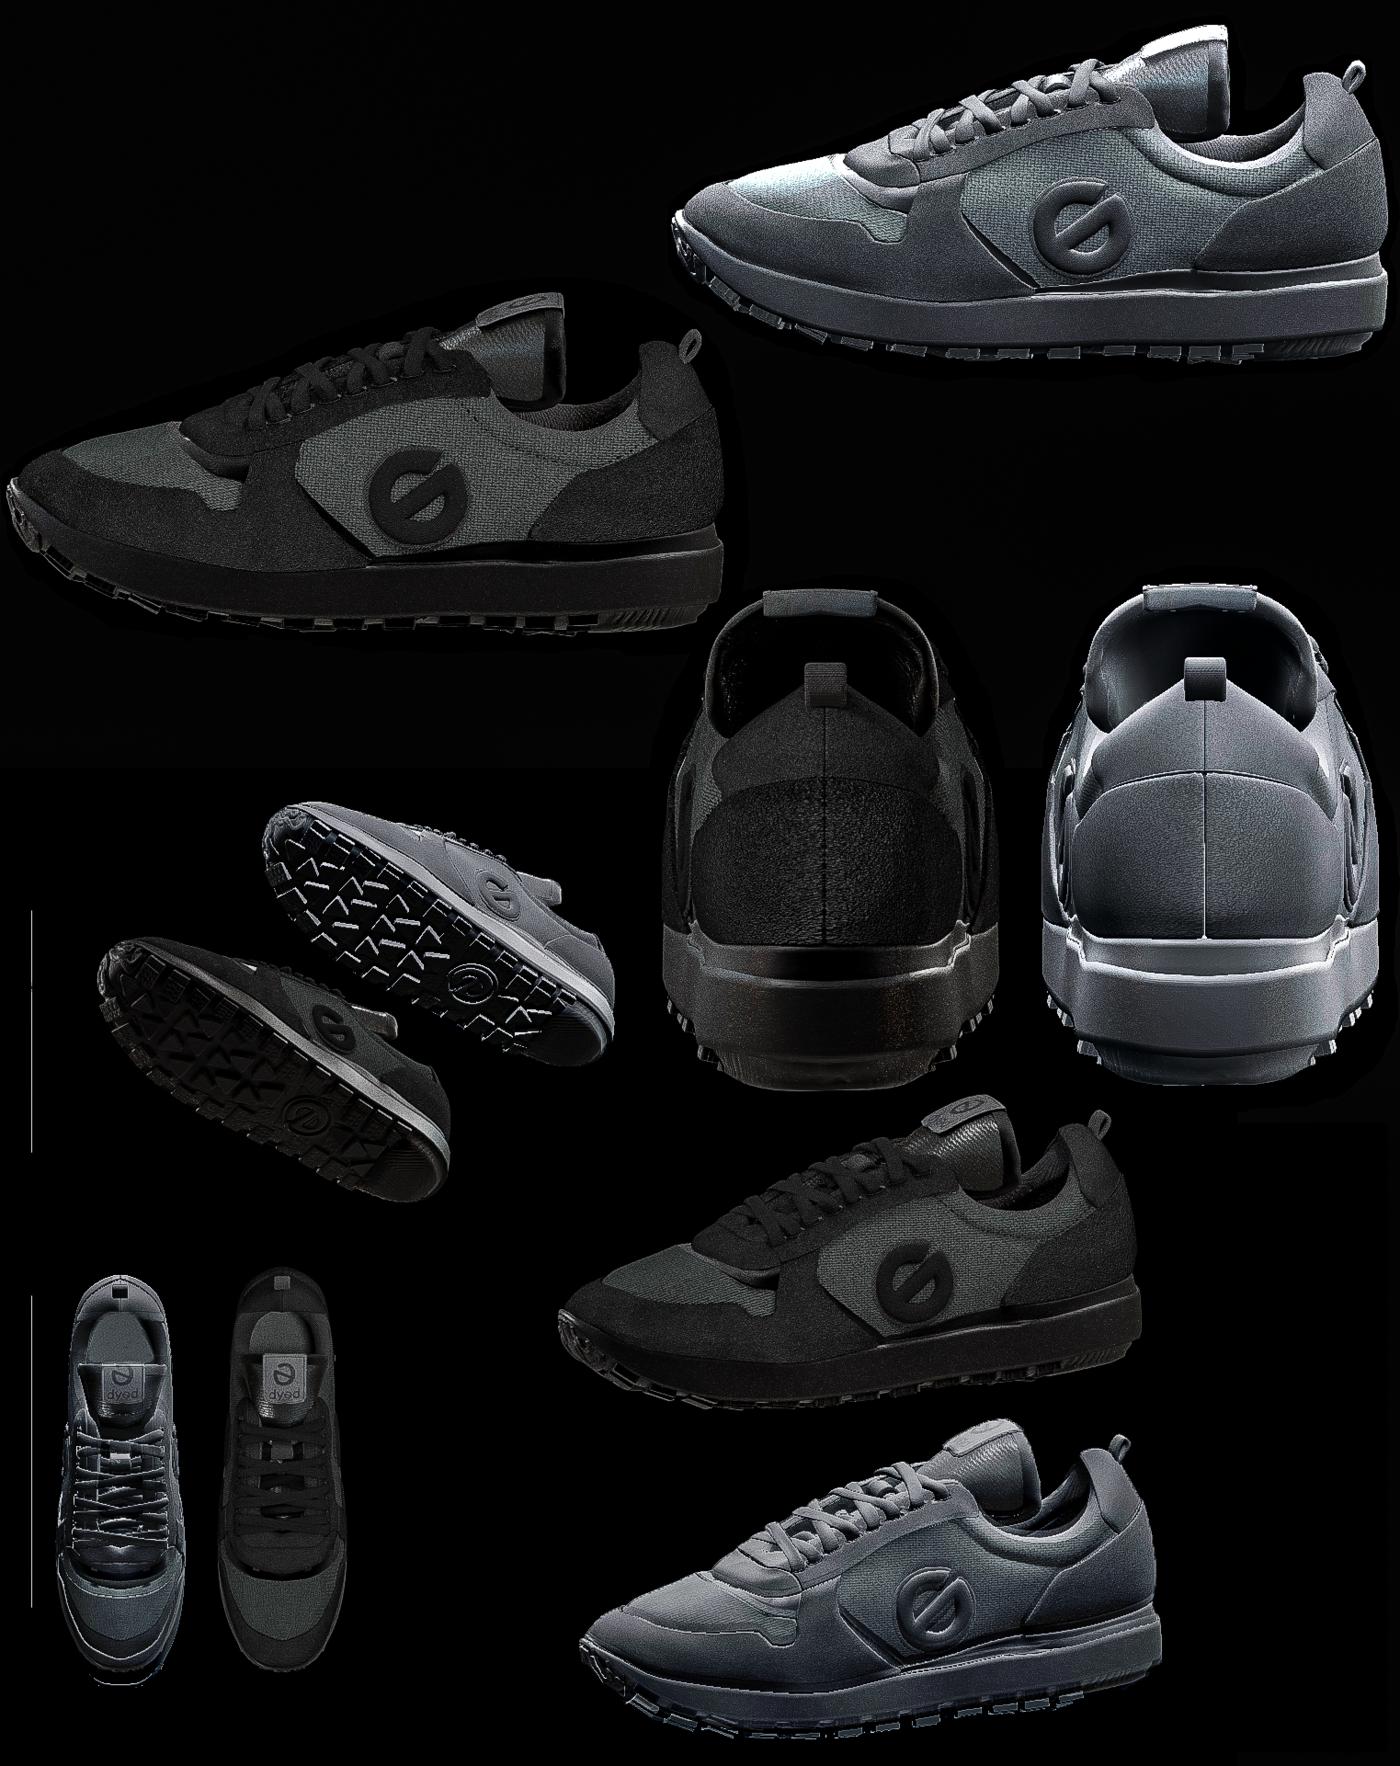 shoes BLACK GOLDEN EDITION